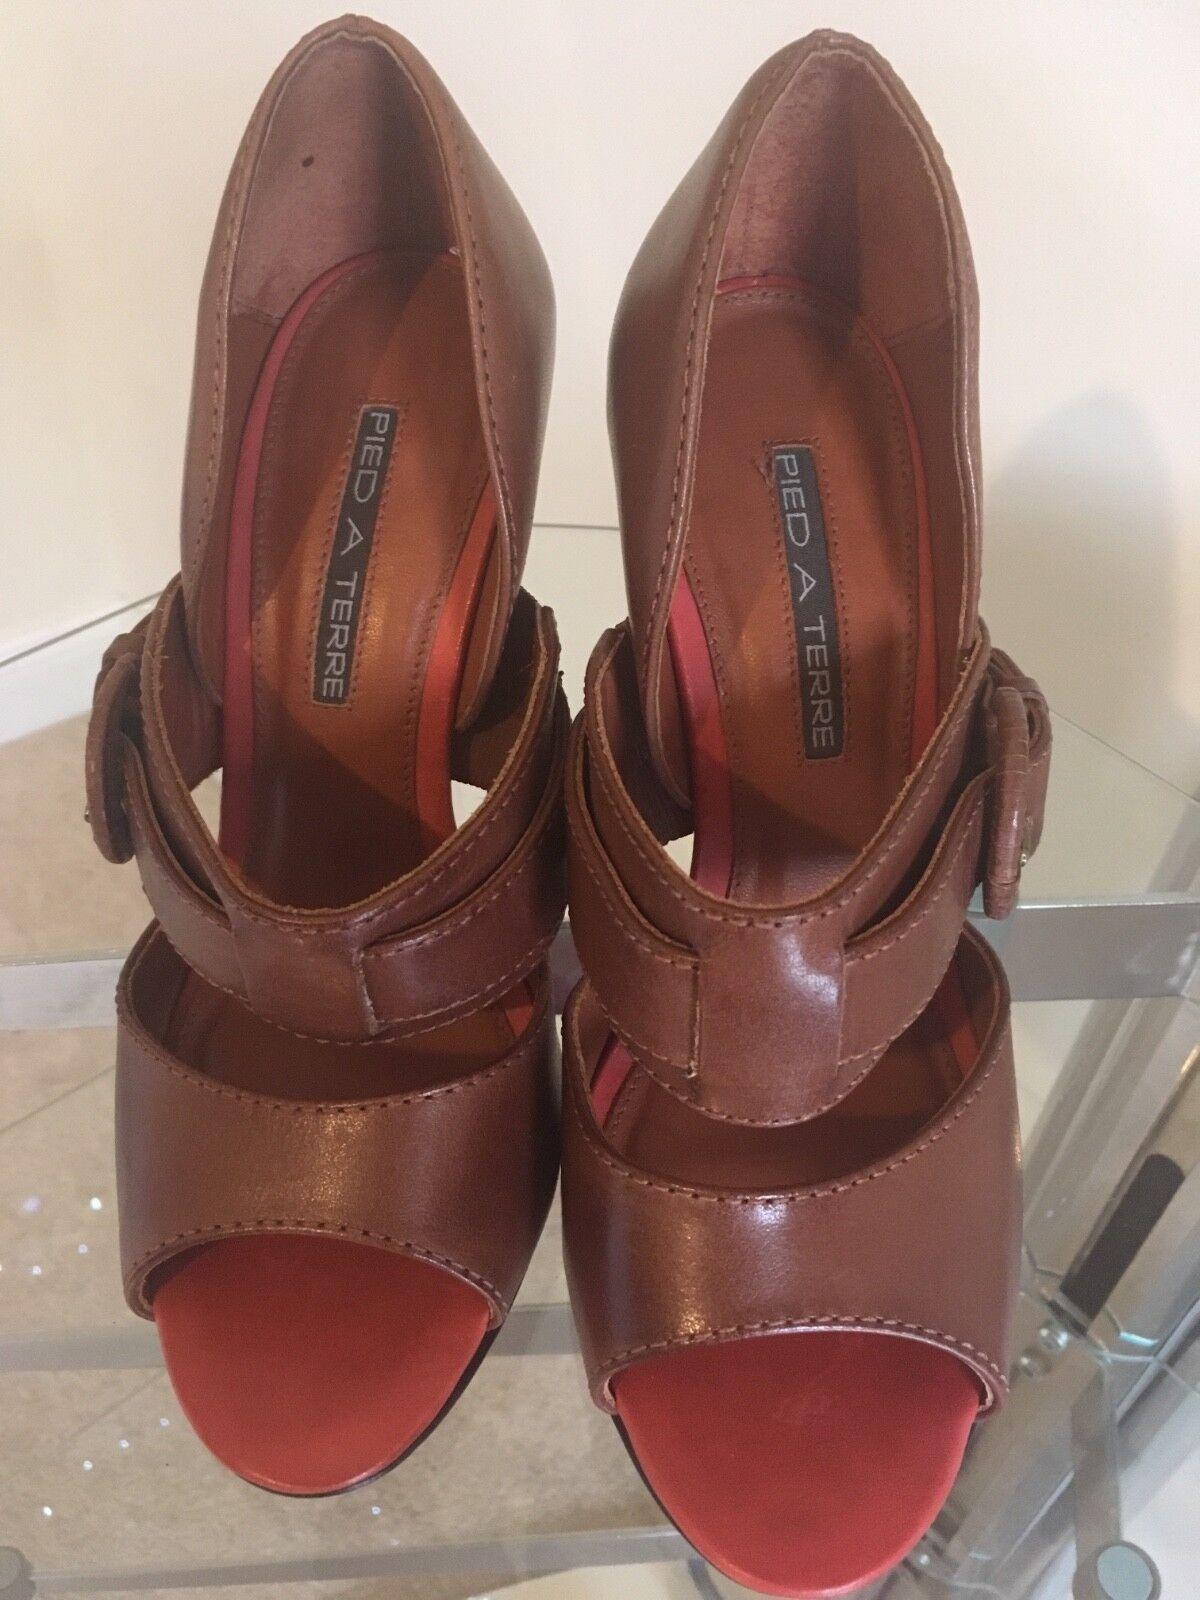 Bottines Femmes PIED A TERRE Tan et Corail Bout Ouvert Chaussures En Cuir Sandales RARE UK 4 (37)